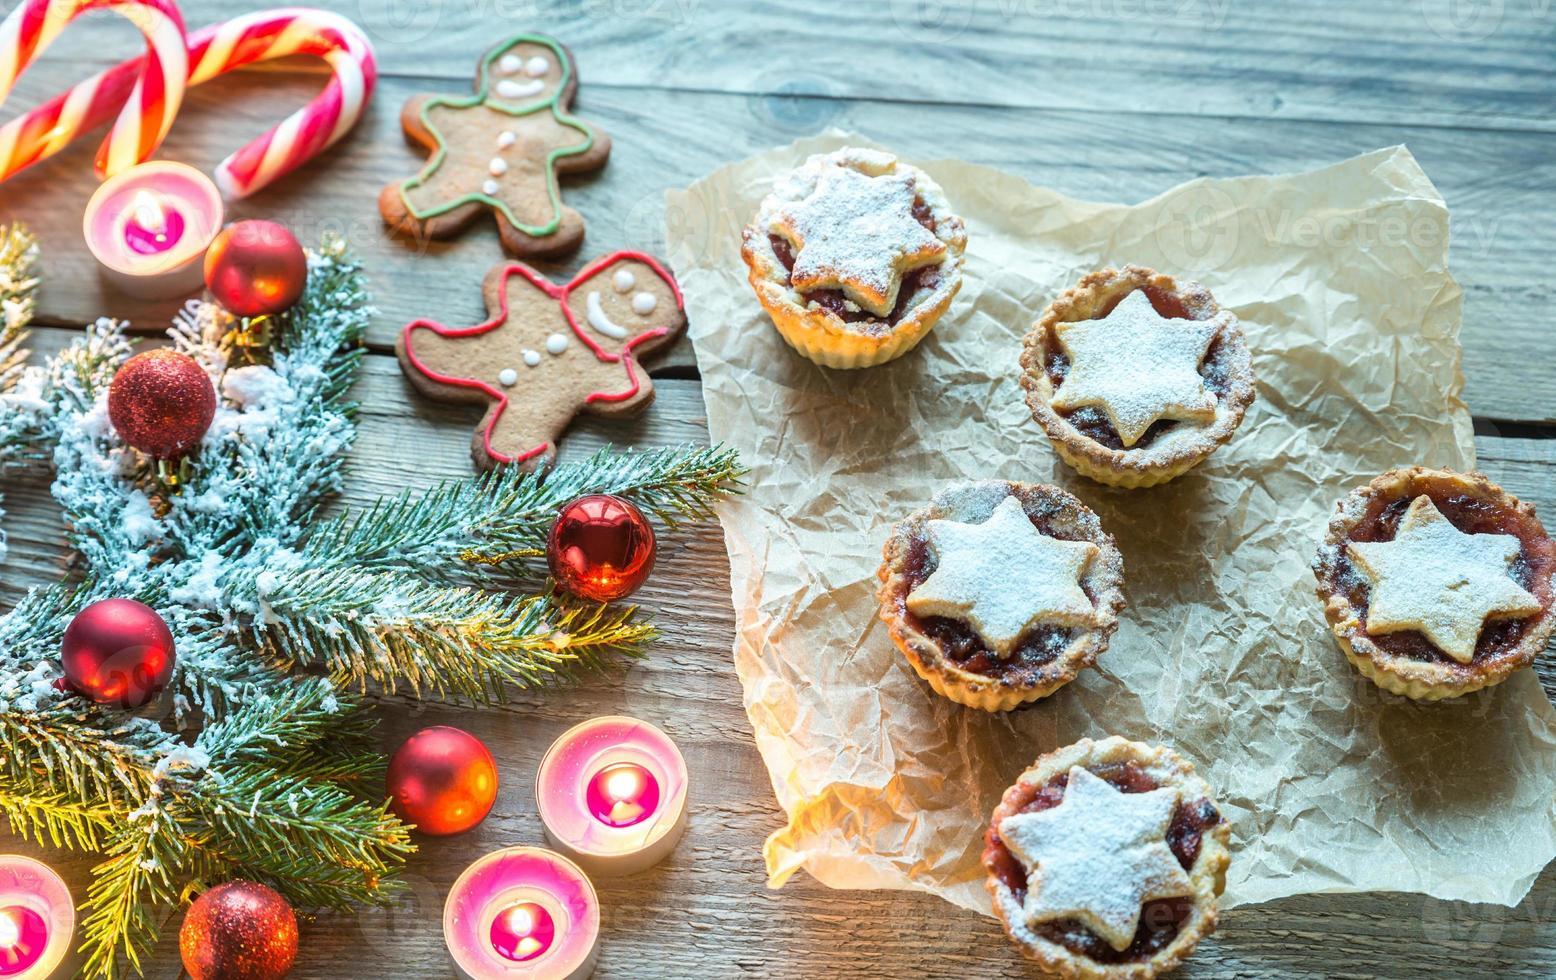 Rama de árbol de Navidad decorado con pastelería navideña foto